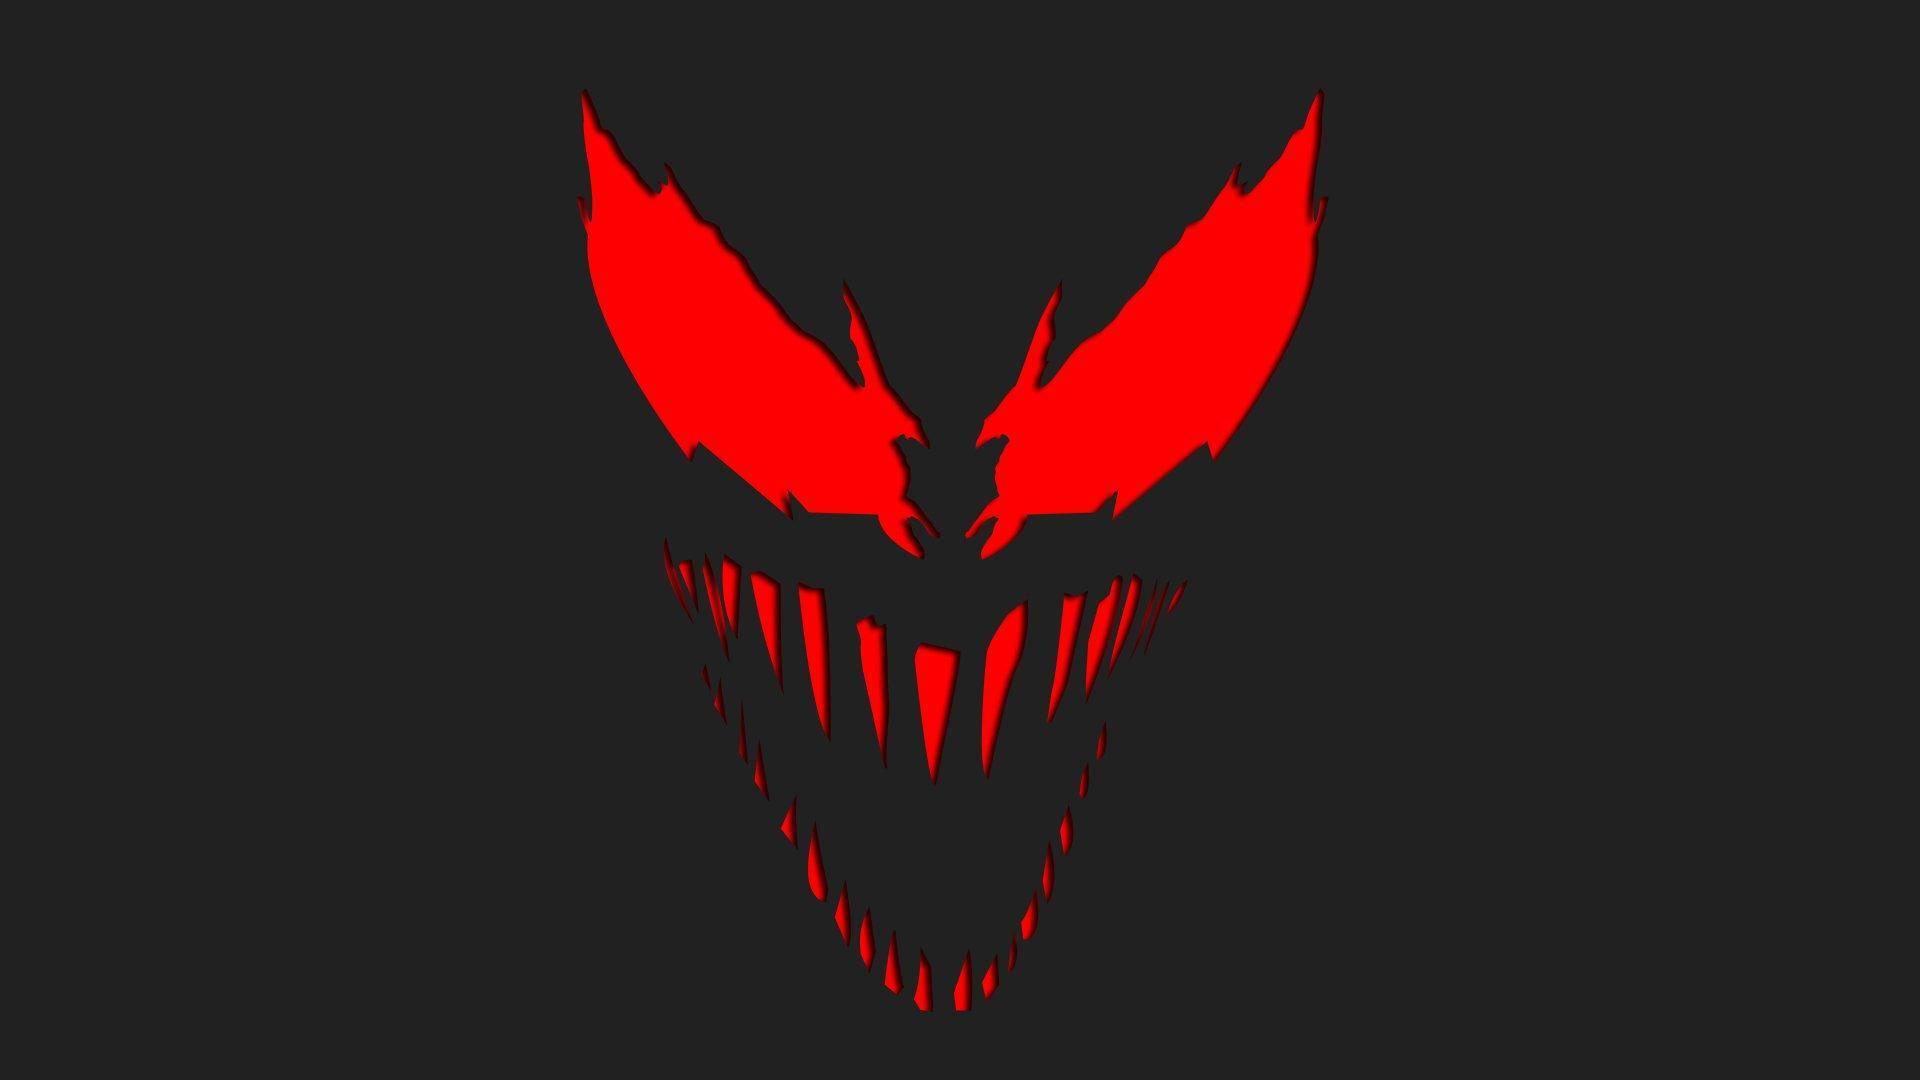 ¡Carnage al extremo! Marvel anuncia nueva saga del villano simbiótico 4